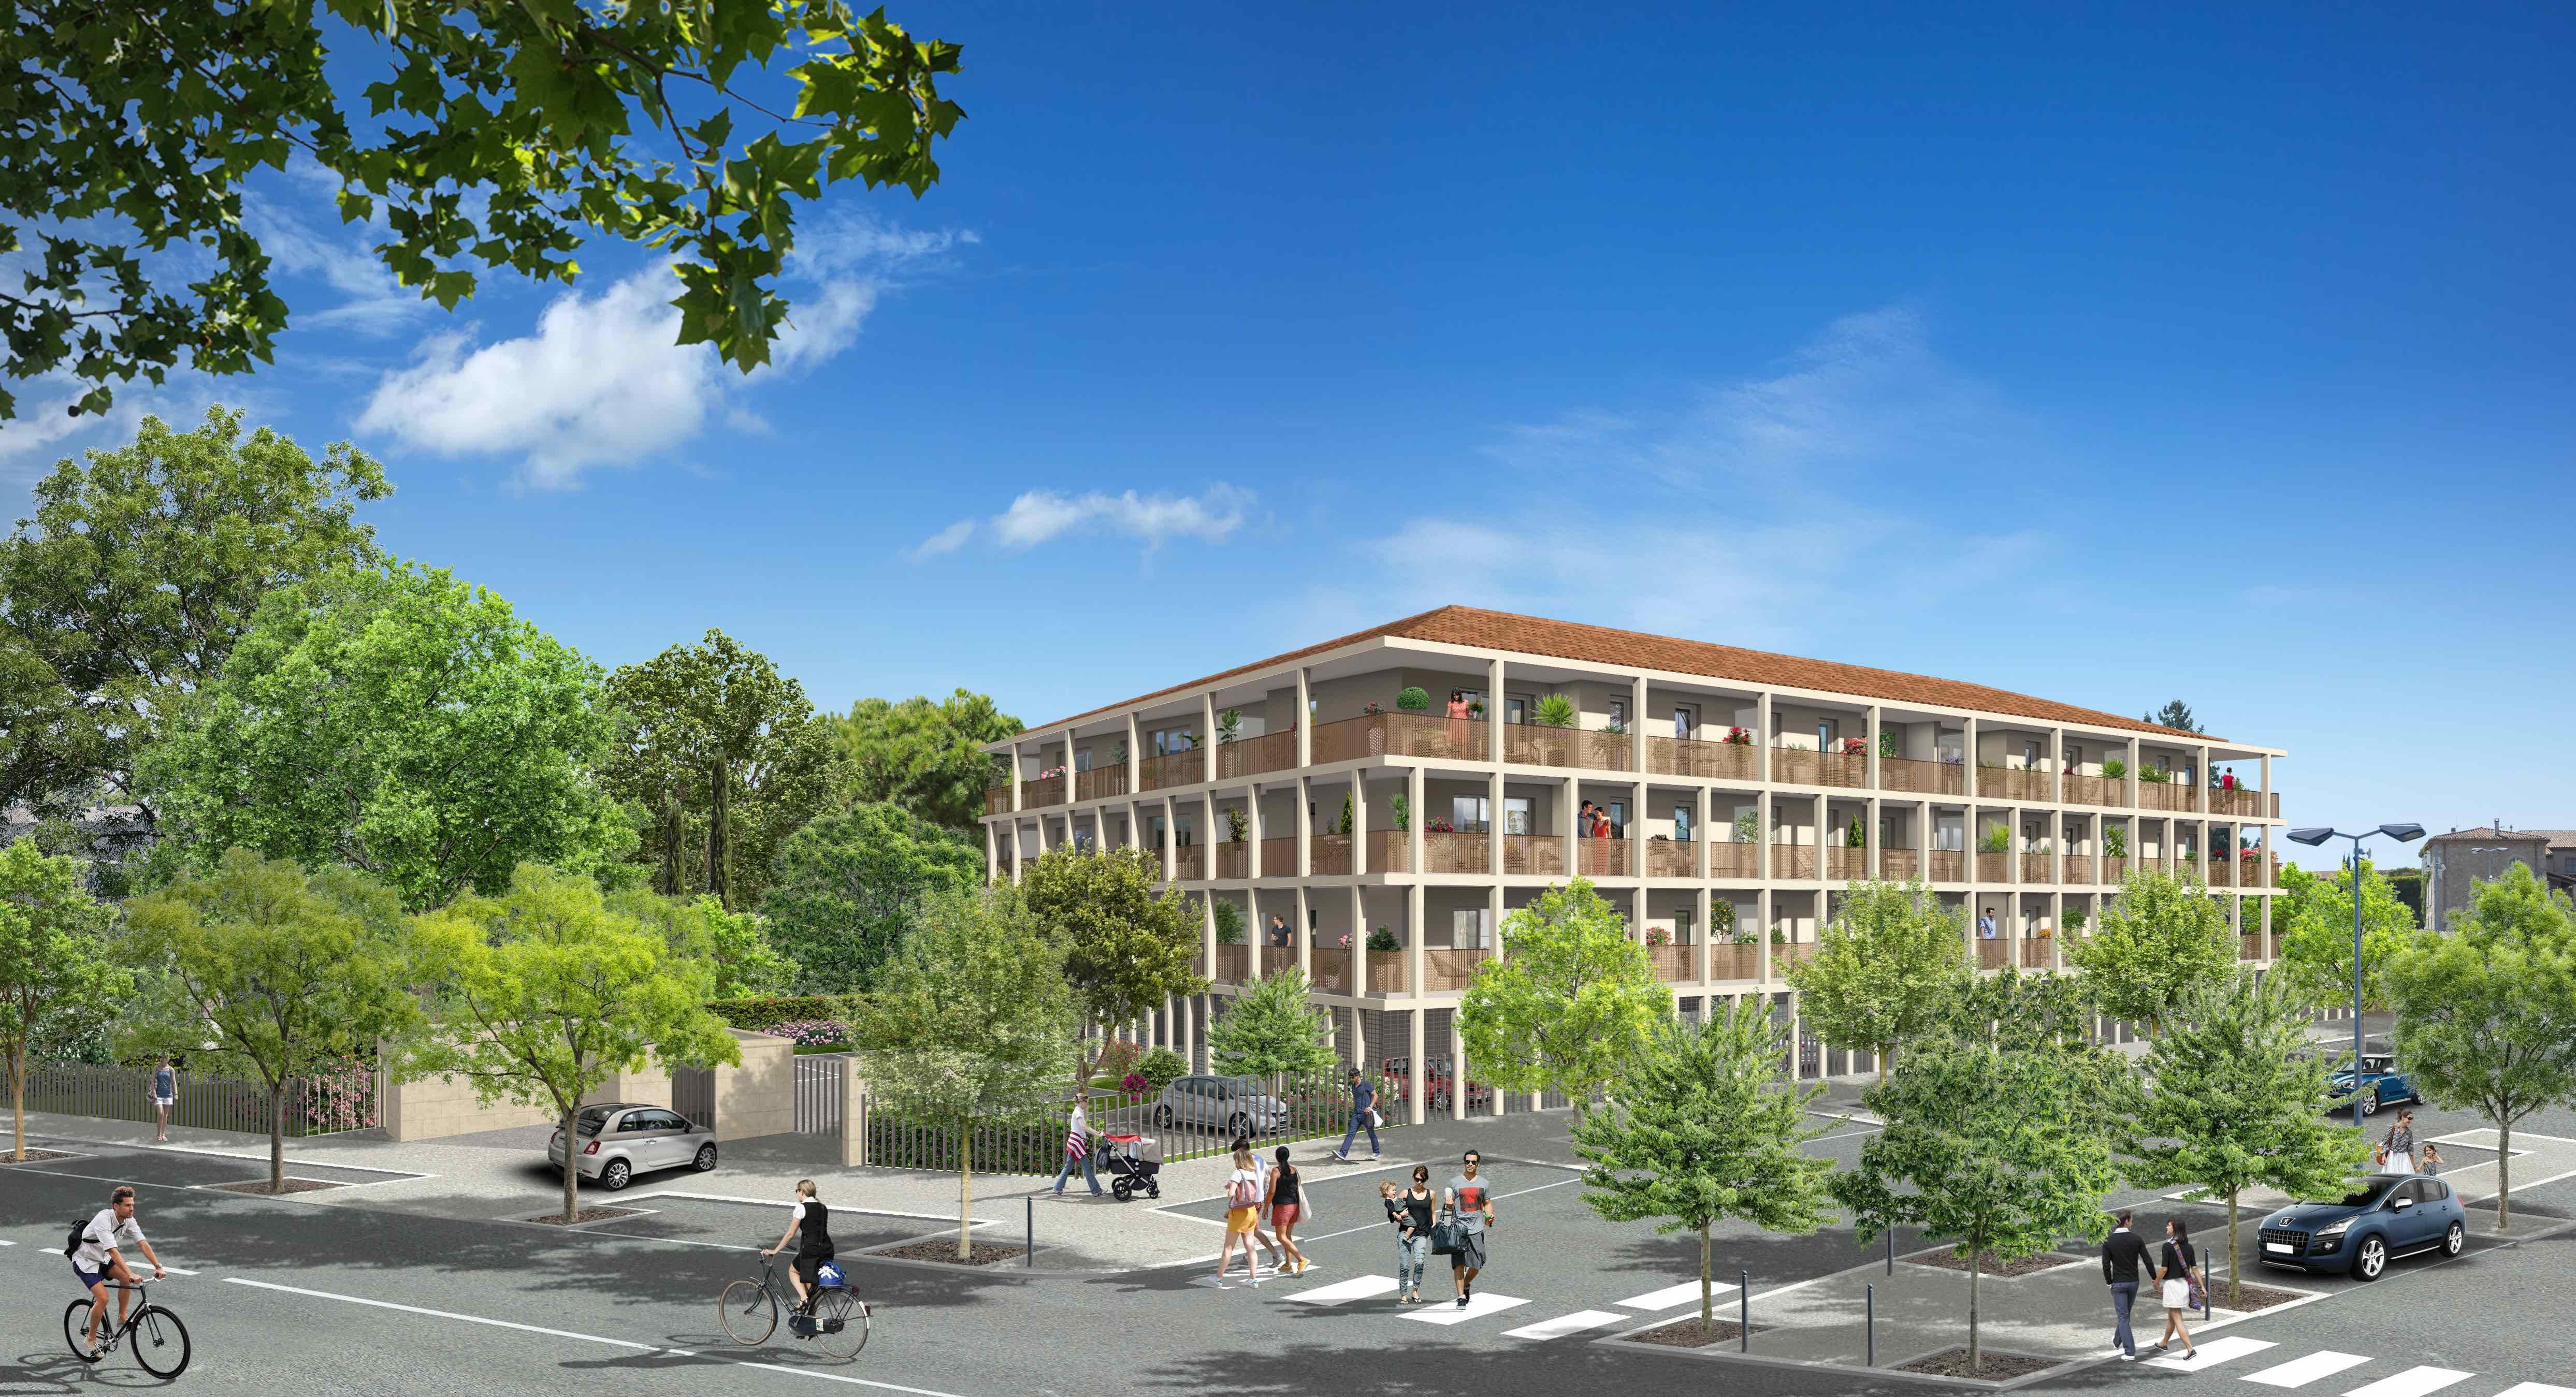 Programme immobilier VAL120 appartement à Trets (13530) Résidence à taille humaine